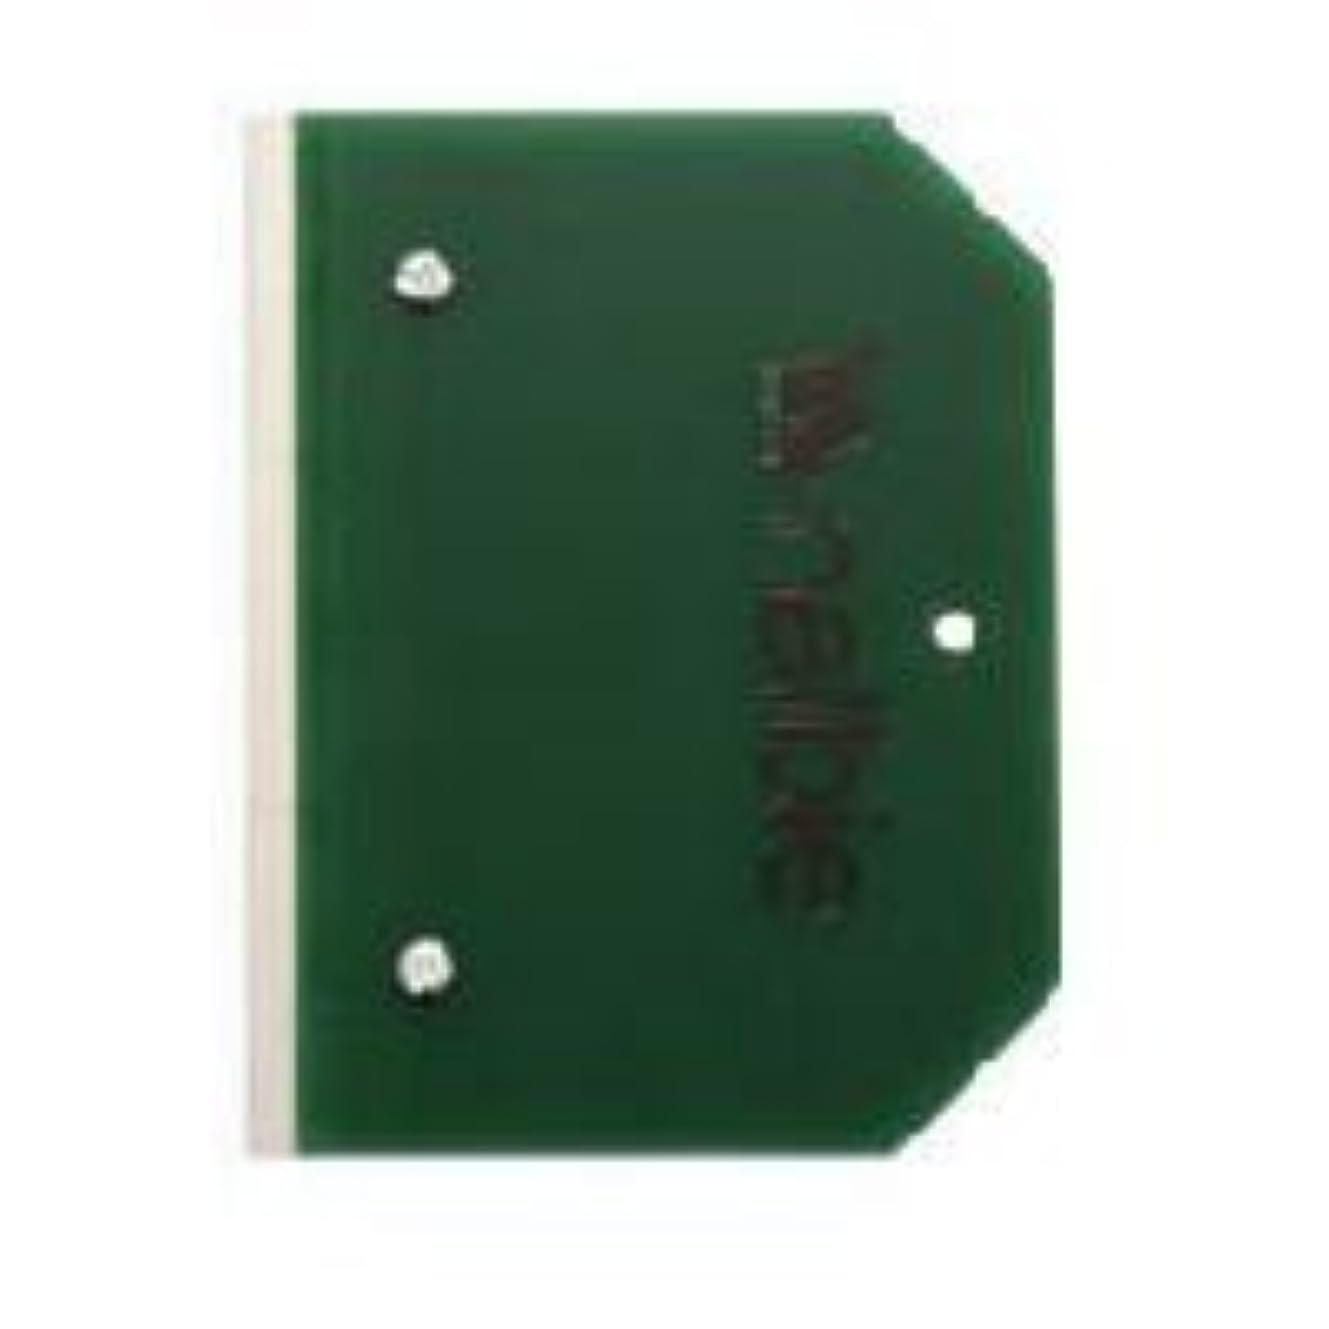 設置修正ティッシュnalbie[ナルビー] カミソリホルダー 3枚刃/セーフティキャップ付 NRB03SC